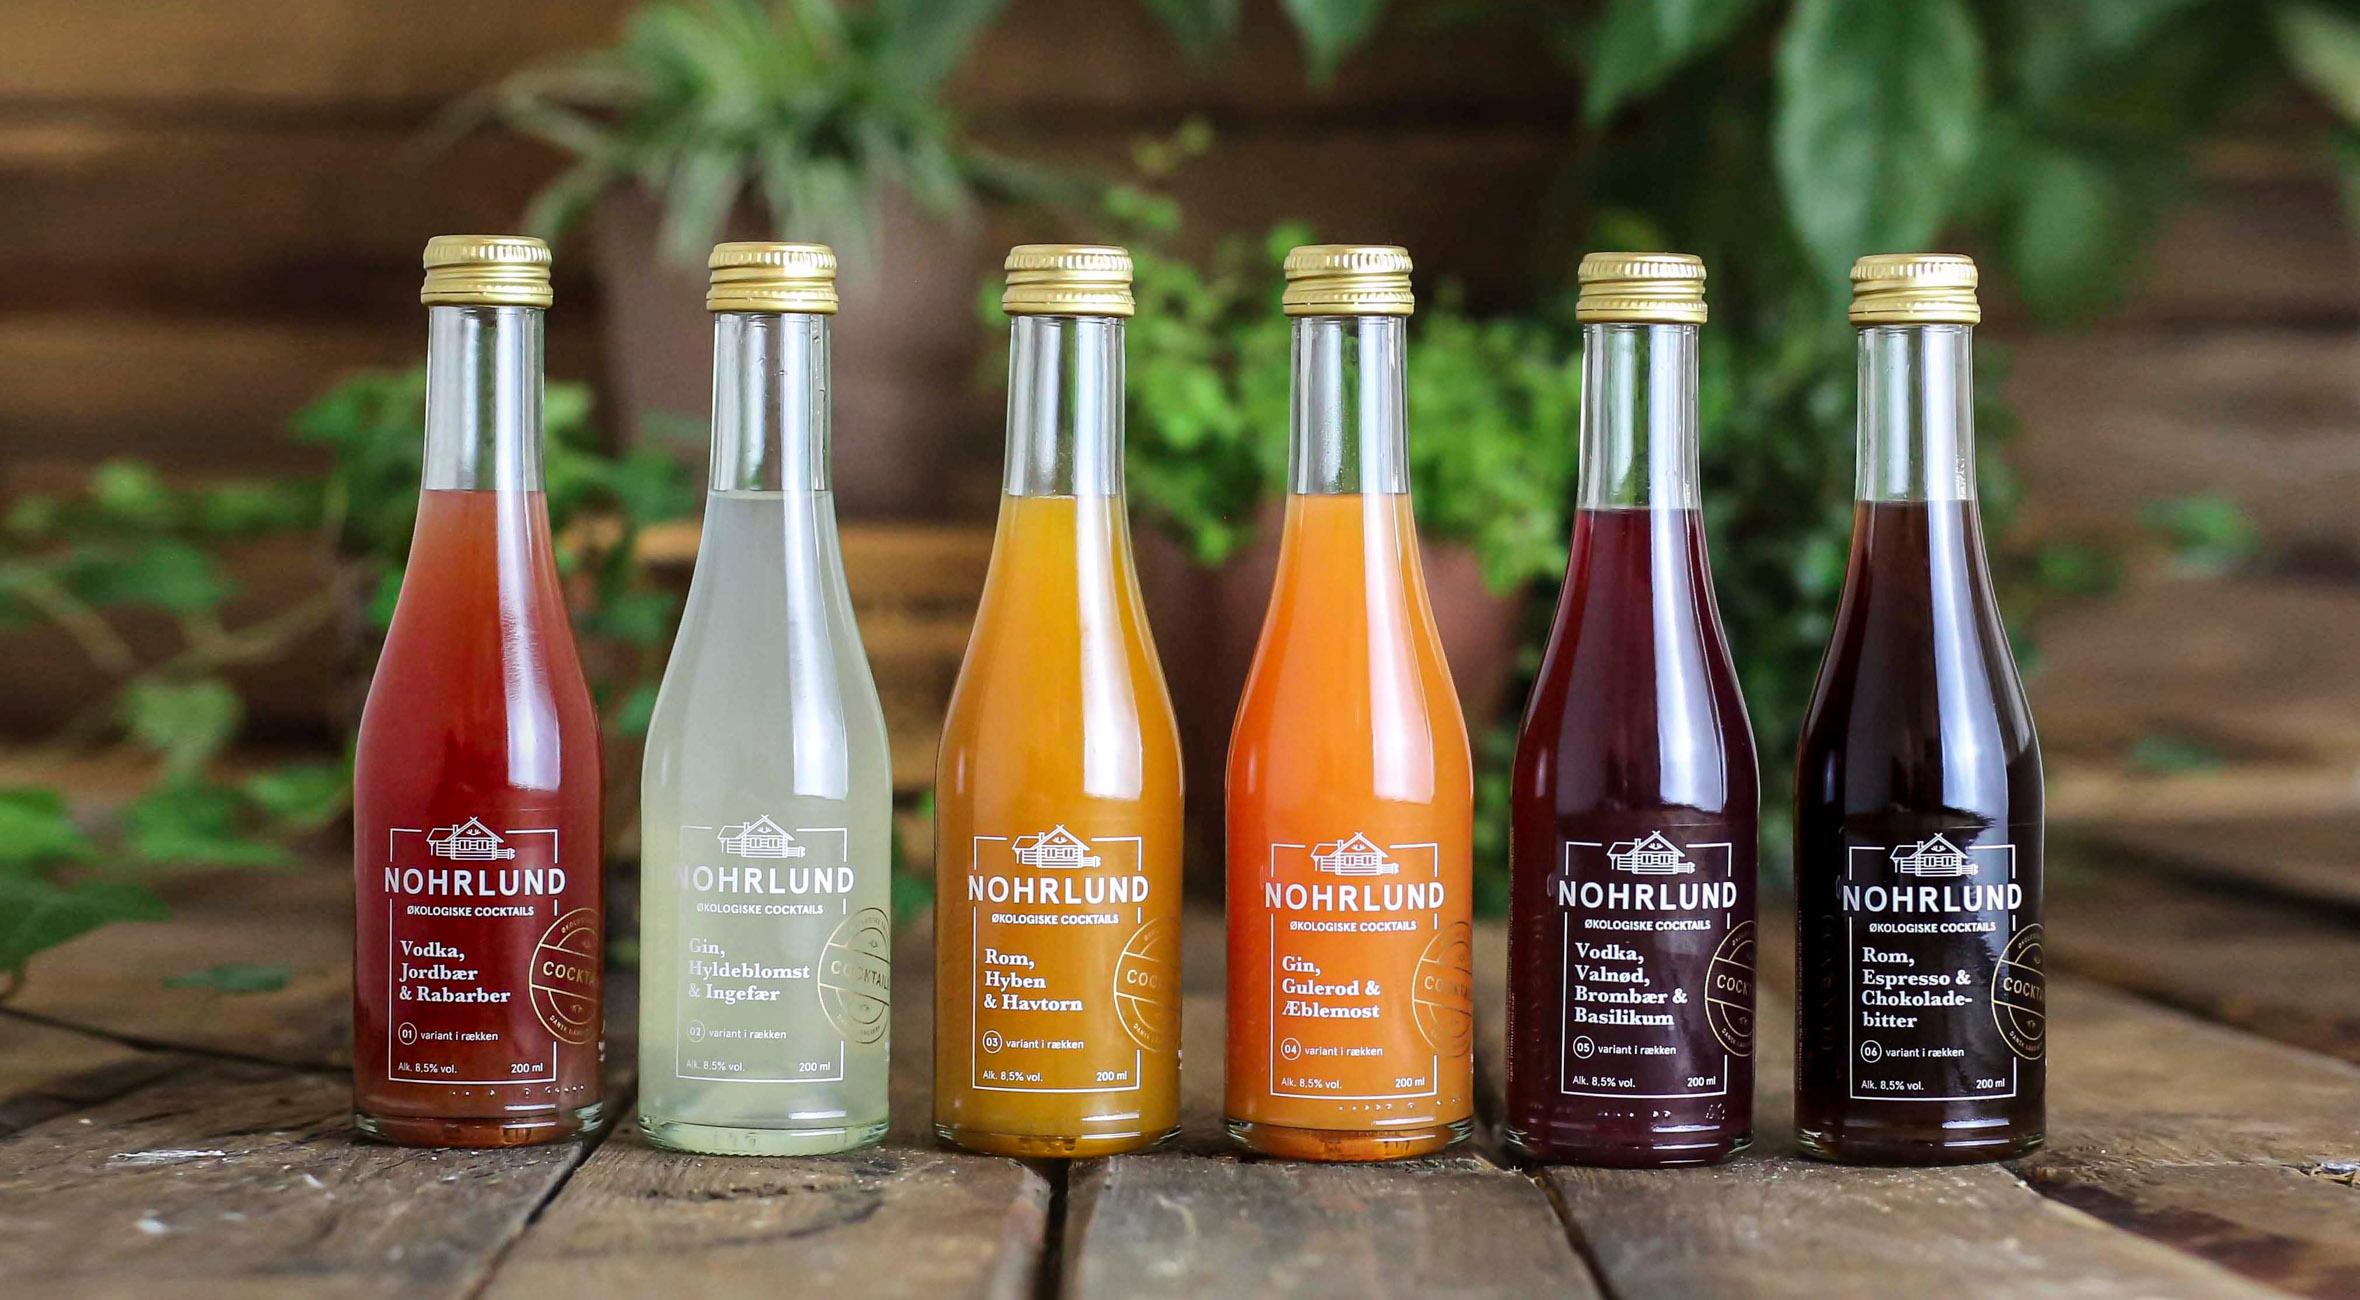 Få 6 pre-mixed cocktails fra Nohrlund på flaske – Nyd prisvindende cocktails sammen med venner & veninder! Du får gratis levering til pakkeshop